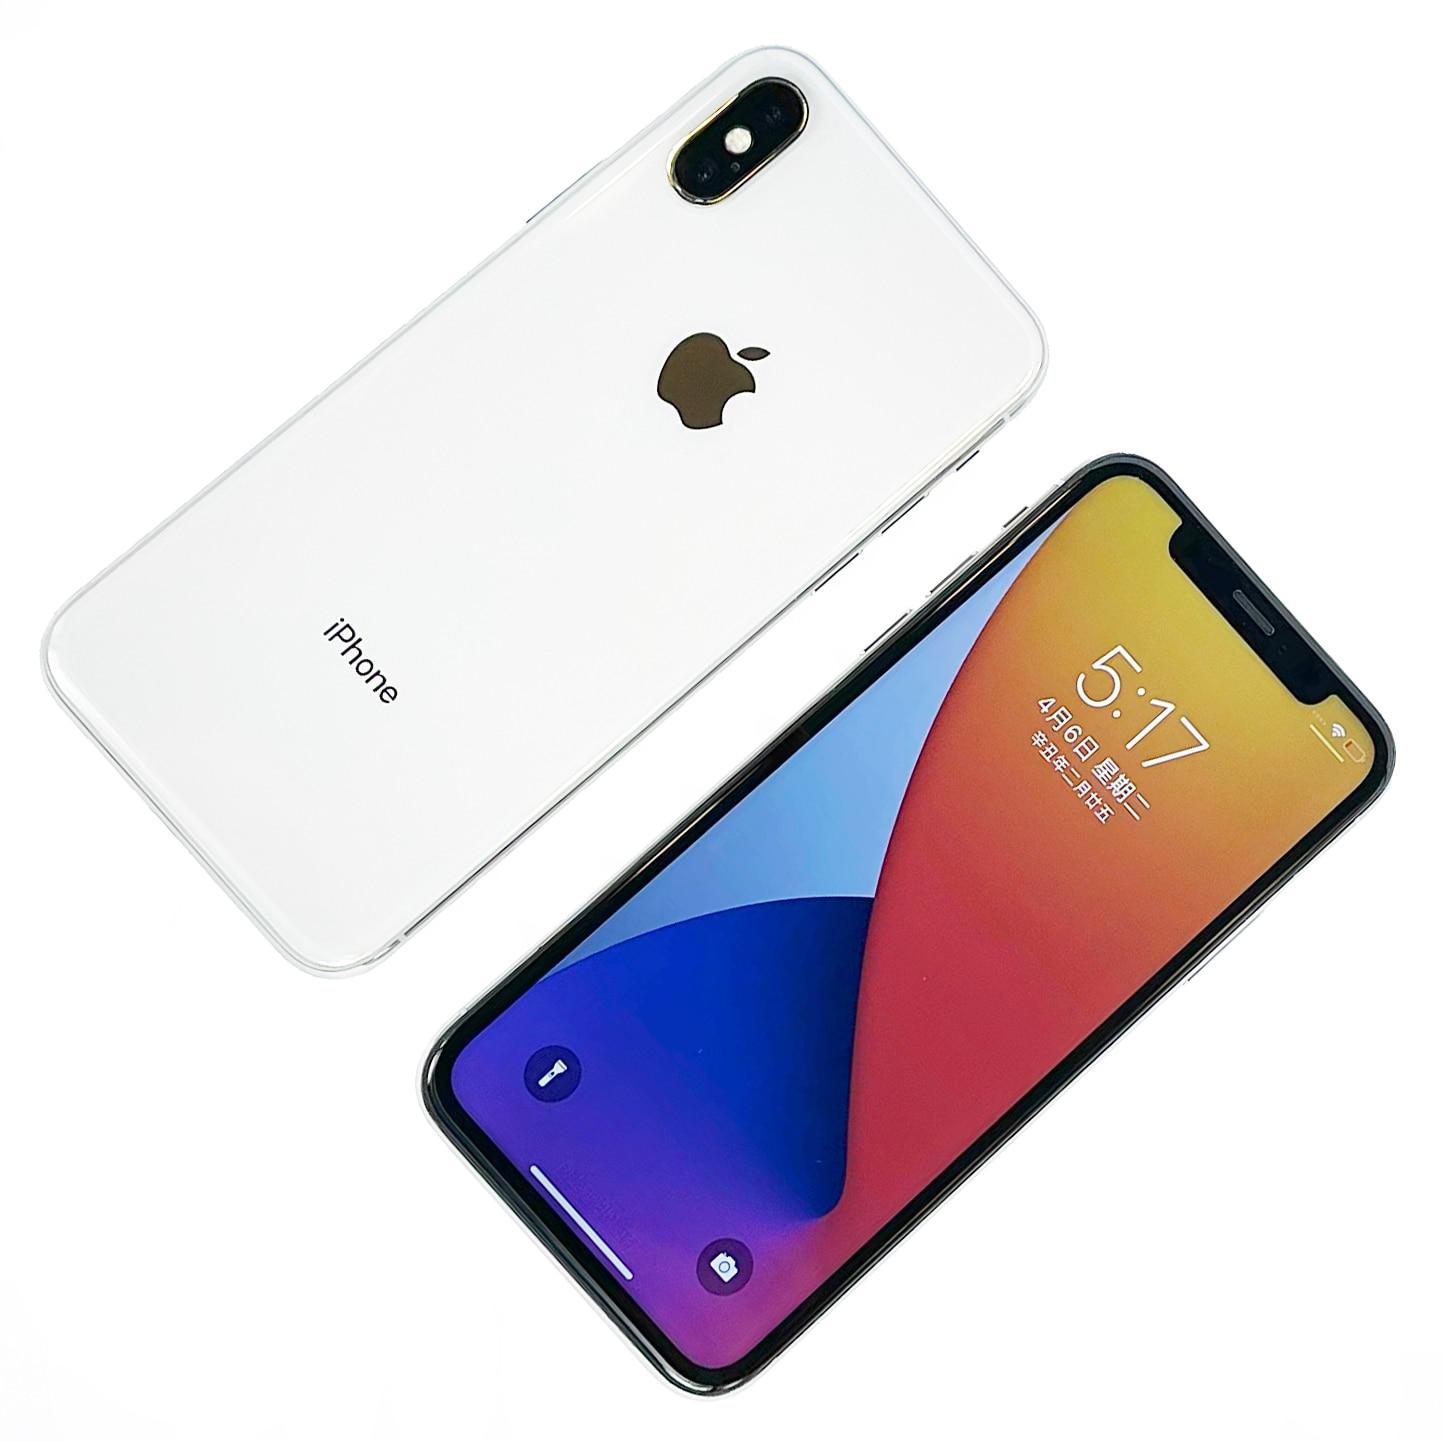 Оригинальный разблокированный используется как нового Apple нет функции ID лица iPhone X 5,8